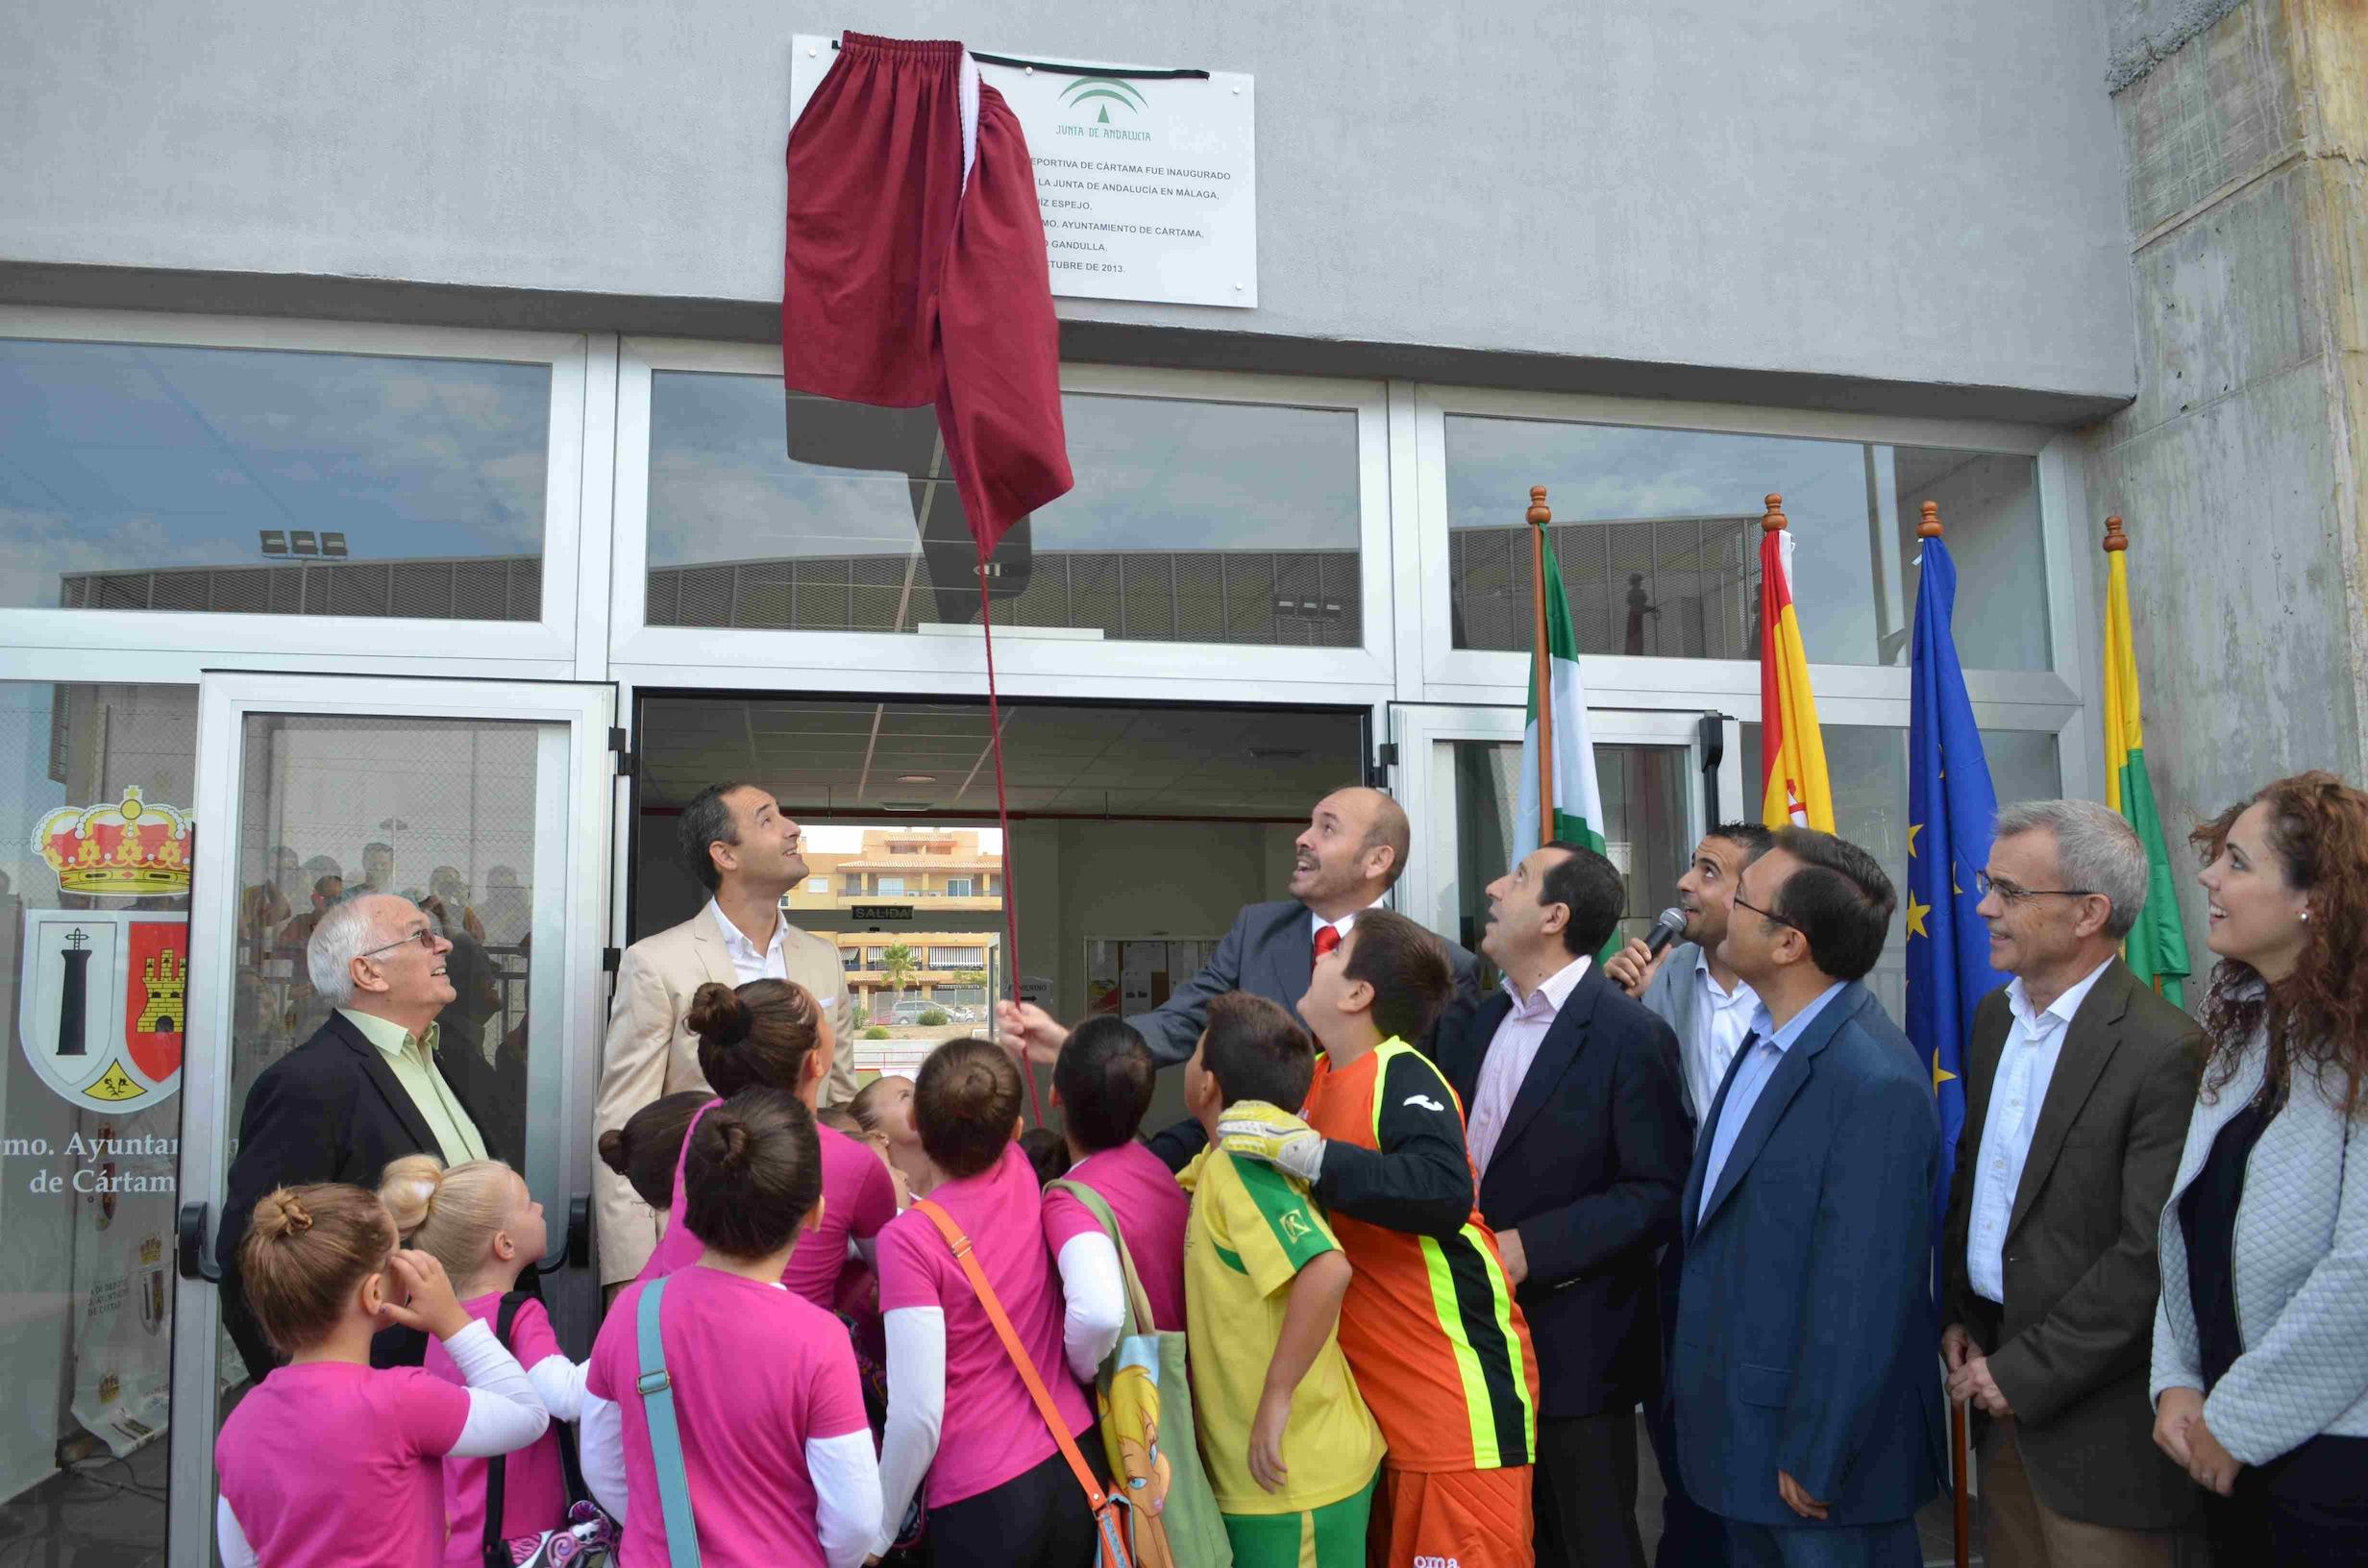 Cártama inaugura el estadio de la Ciudad Deportiva con una gran fiesta del deporte